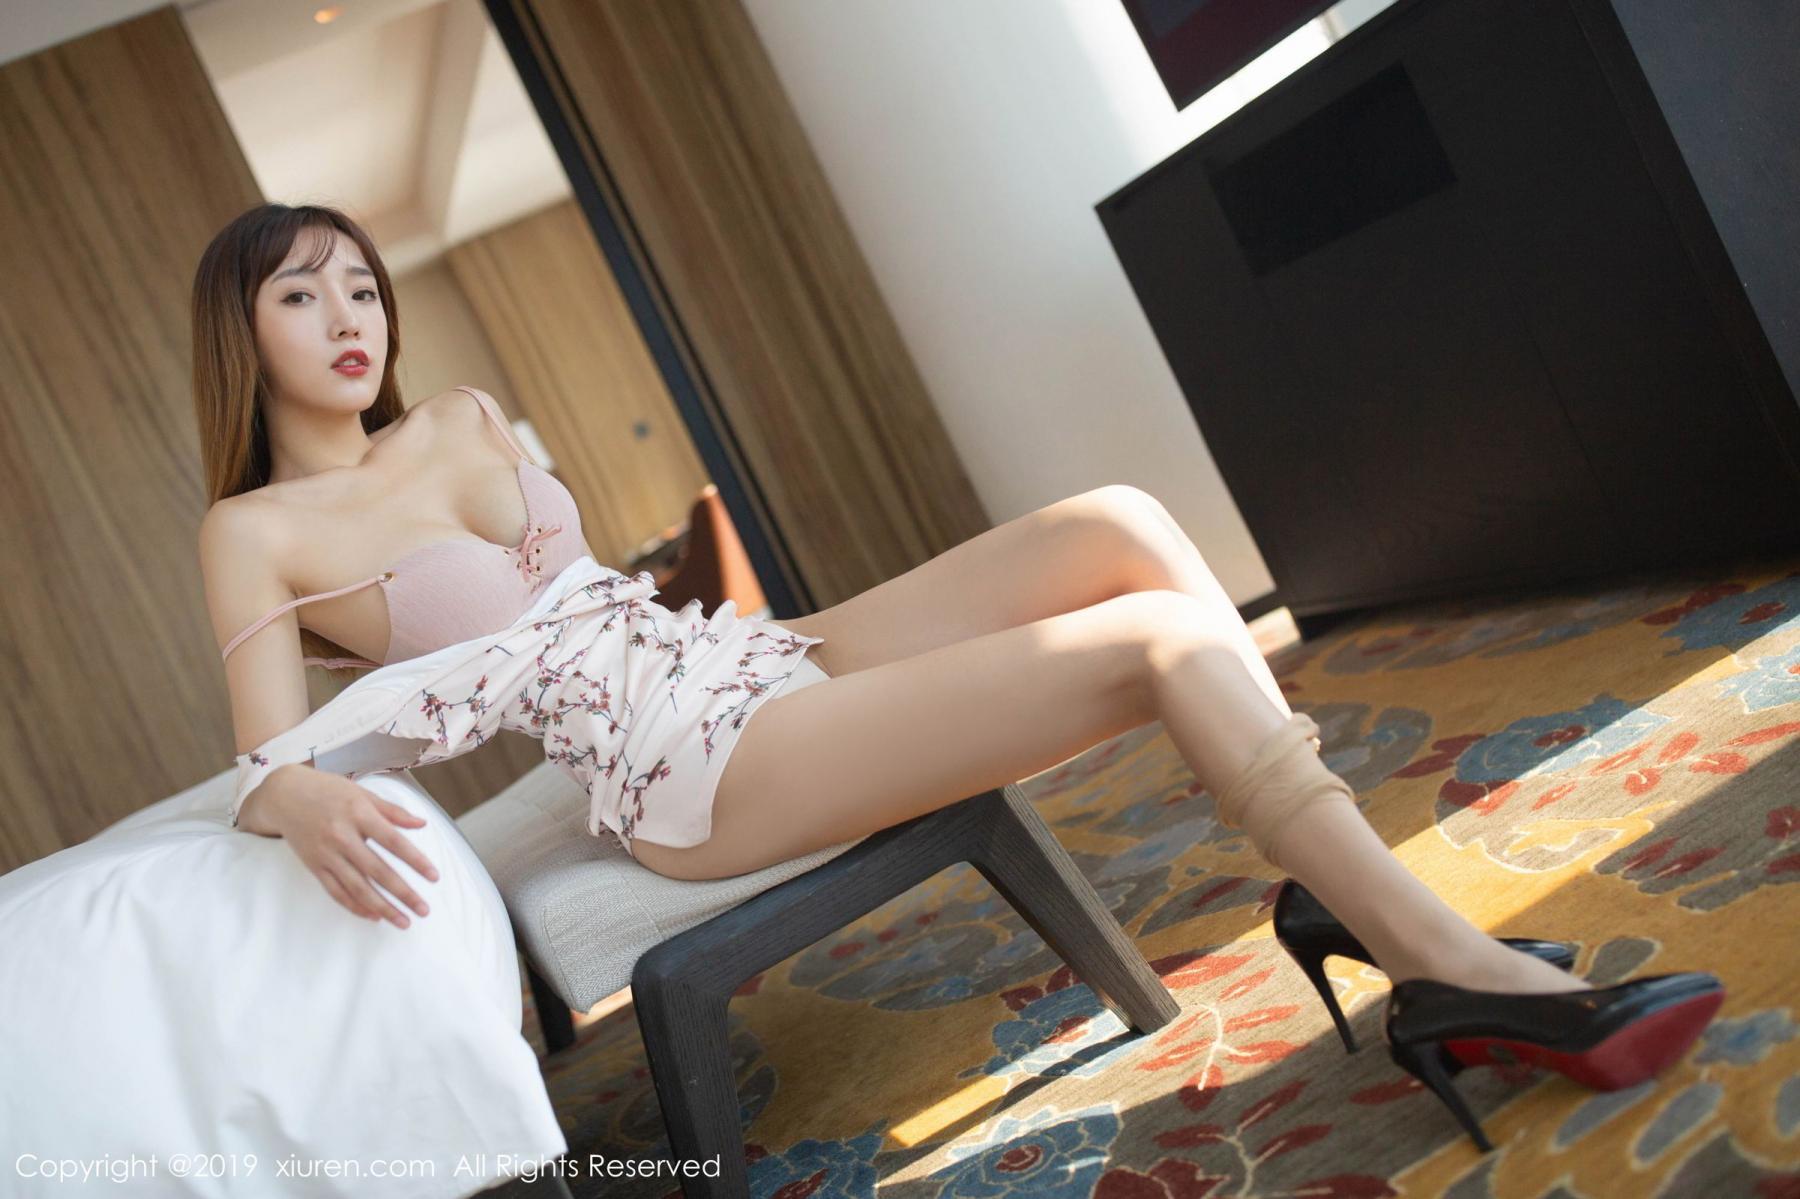 [XiuRen] Vol.1737 Lu Xuan Xuan 2 52P, Cheongsam, Lu Xuan Xuan, Underwear, Xiuren